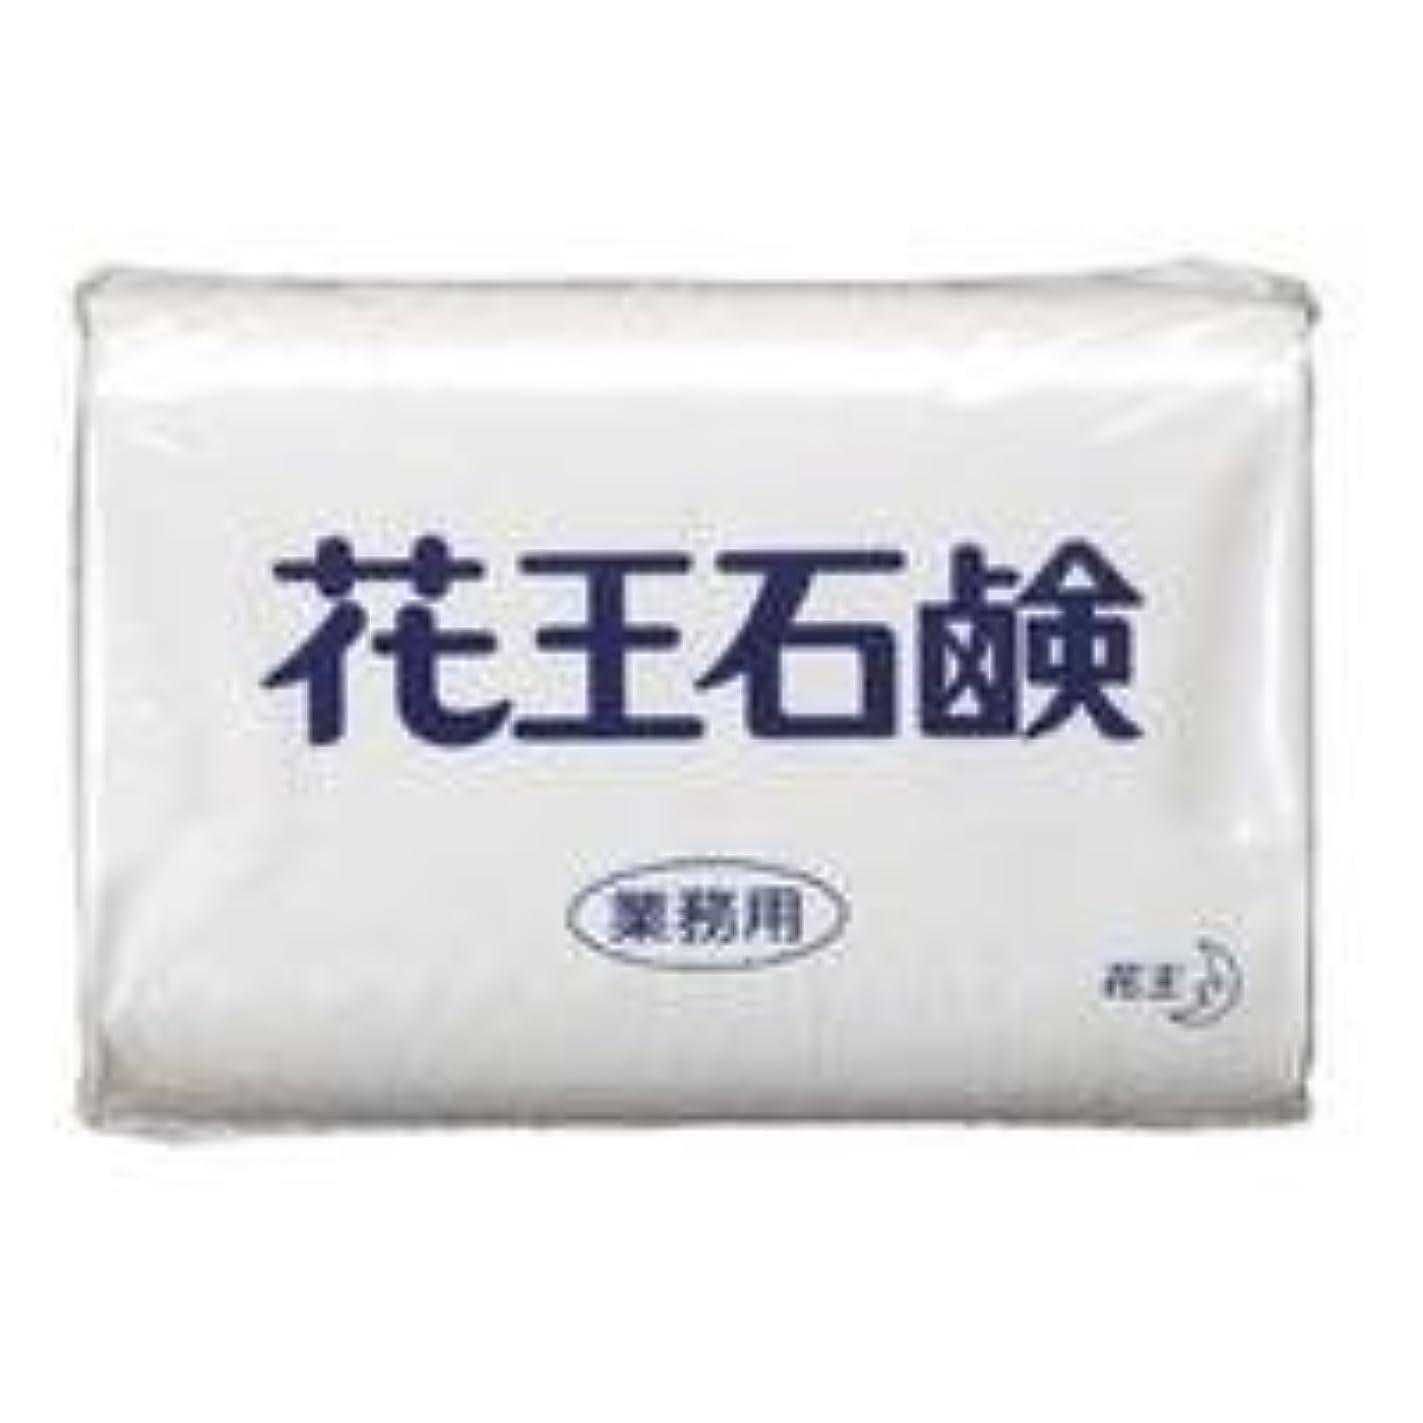 従順かもめ数学者業務用石鹸 85g 3個×40パック(120個入り)